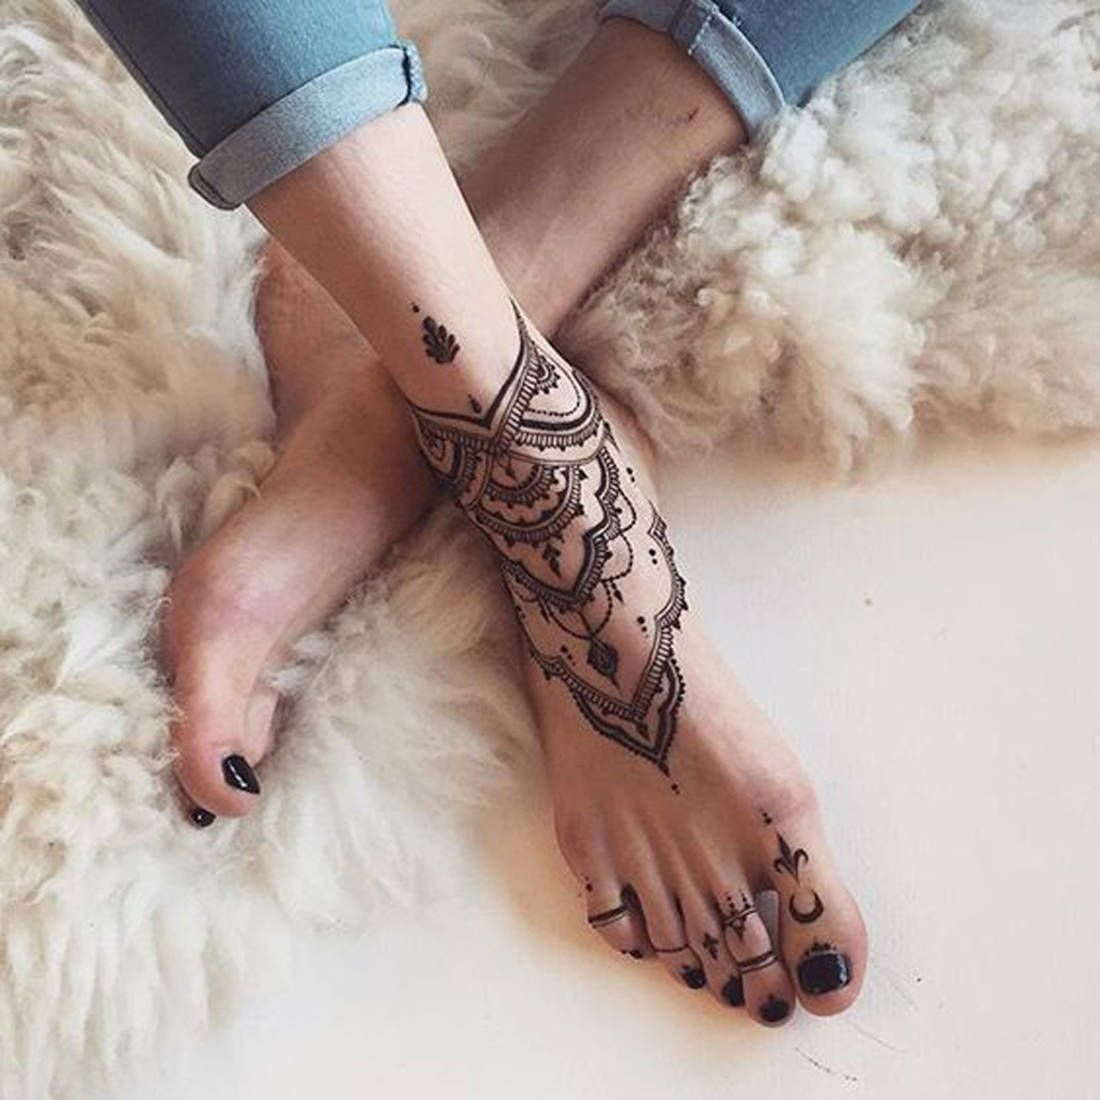 Tatouage Mandala Sur Le Pied Et La Cheville Art In The Flesh